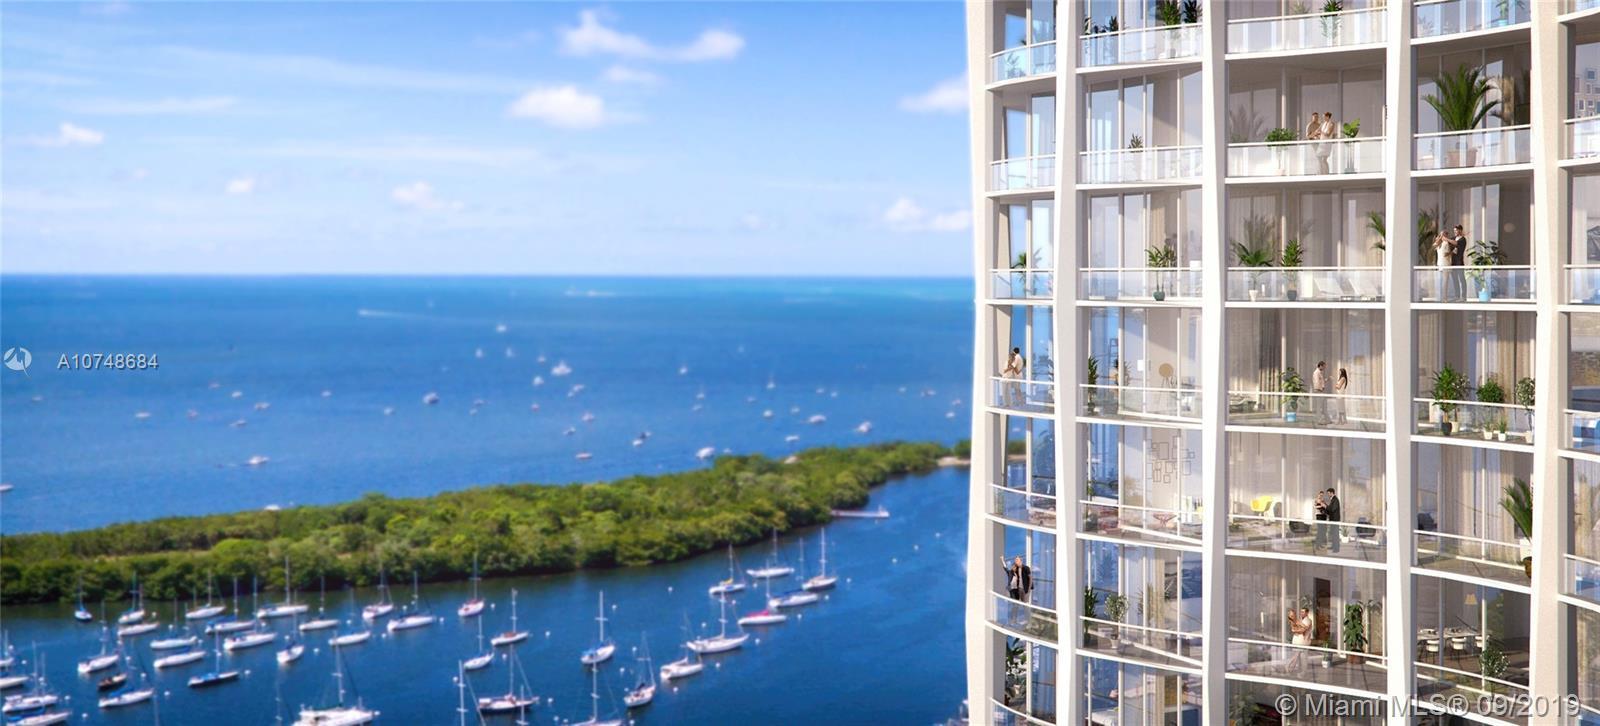 2811 S Bayshore Drive, Unit #4A Luxury Real Estate